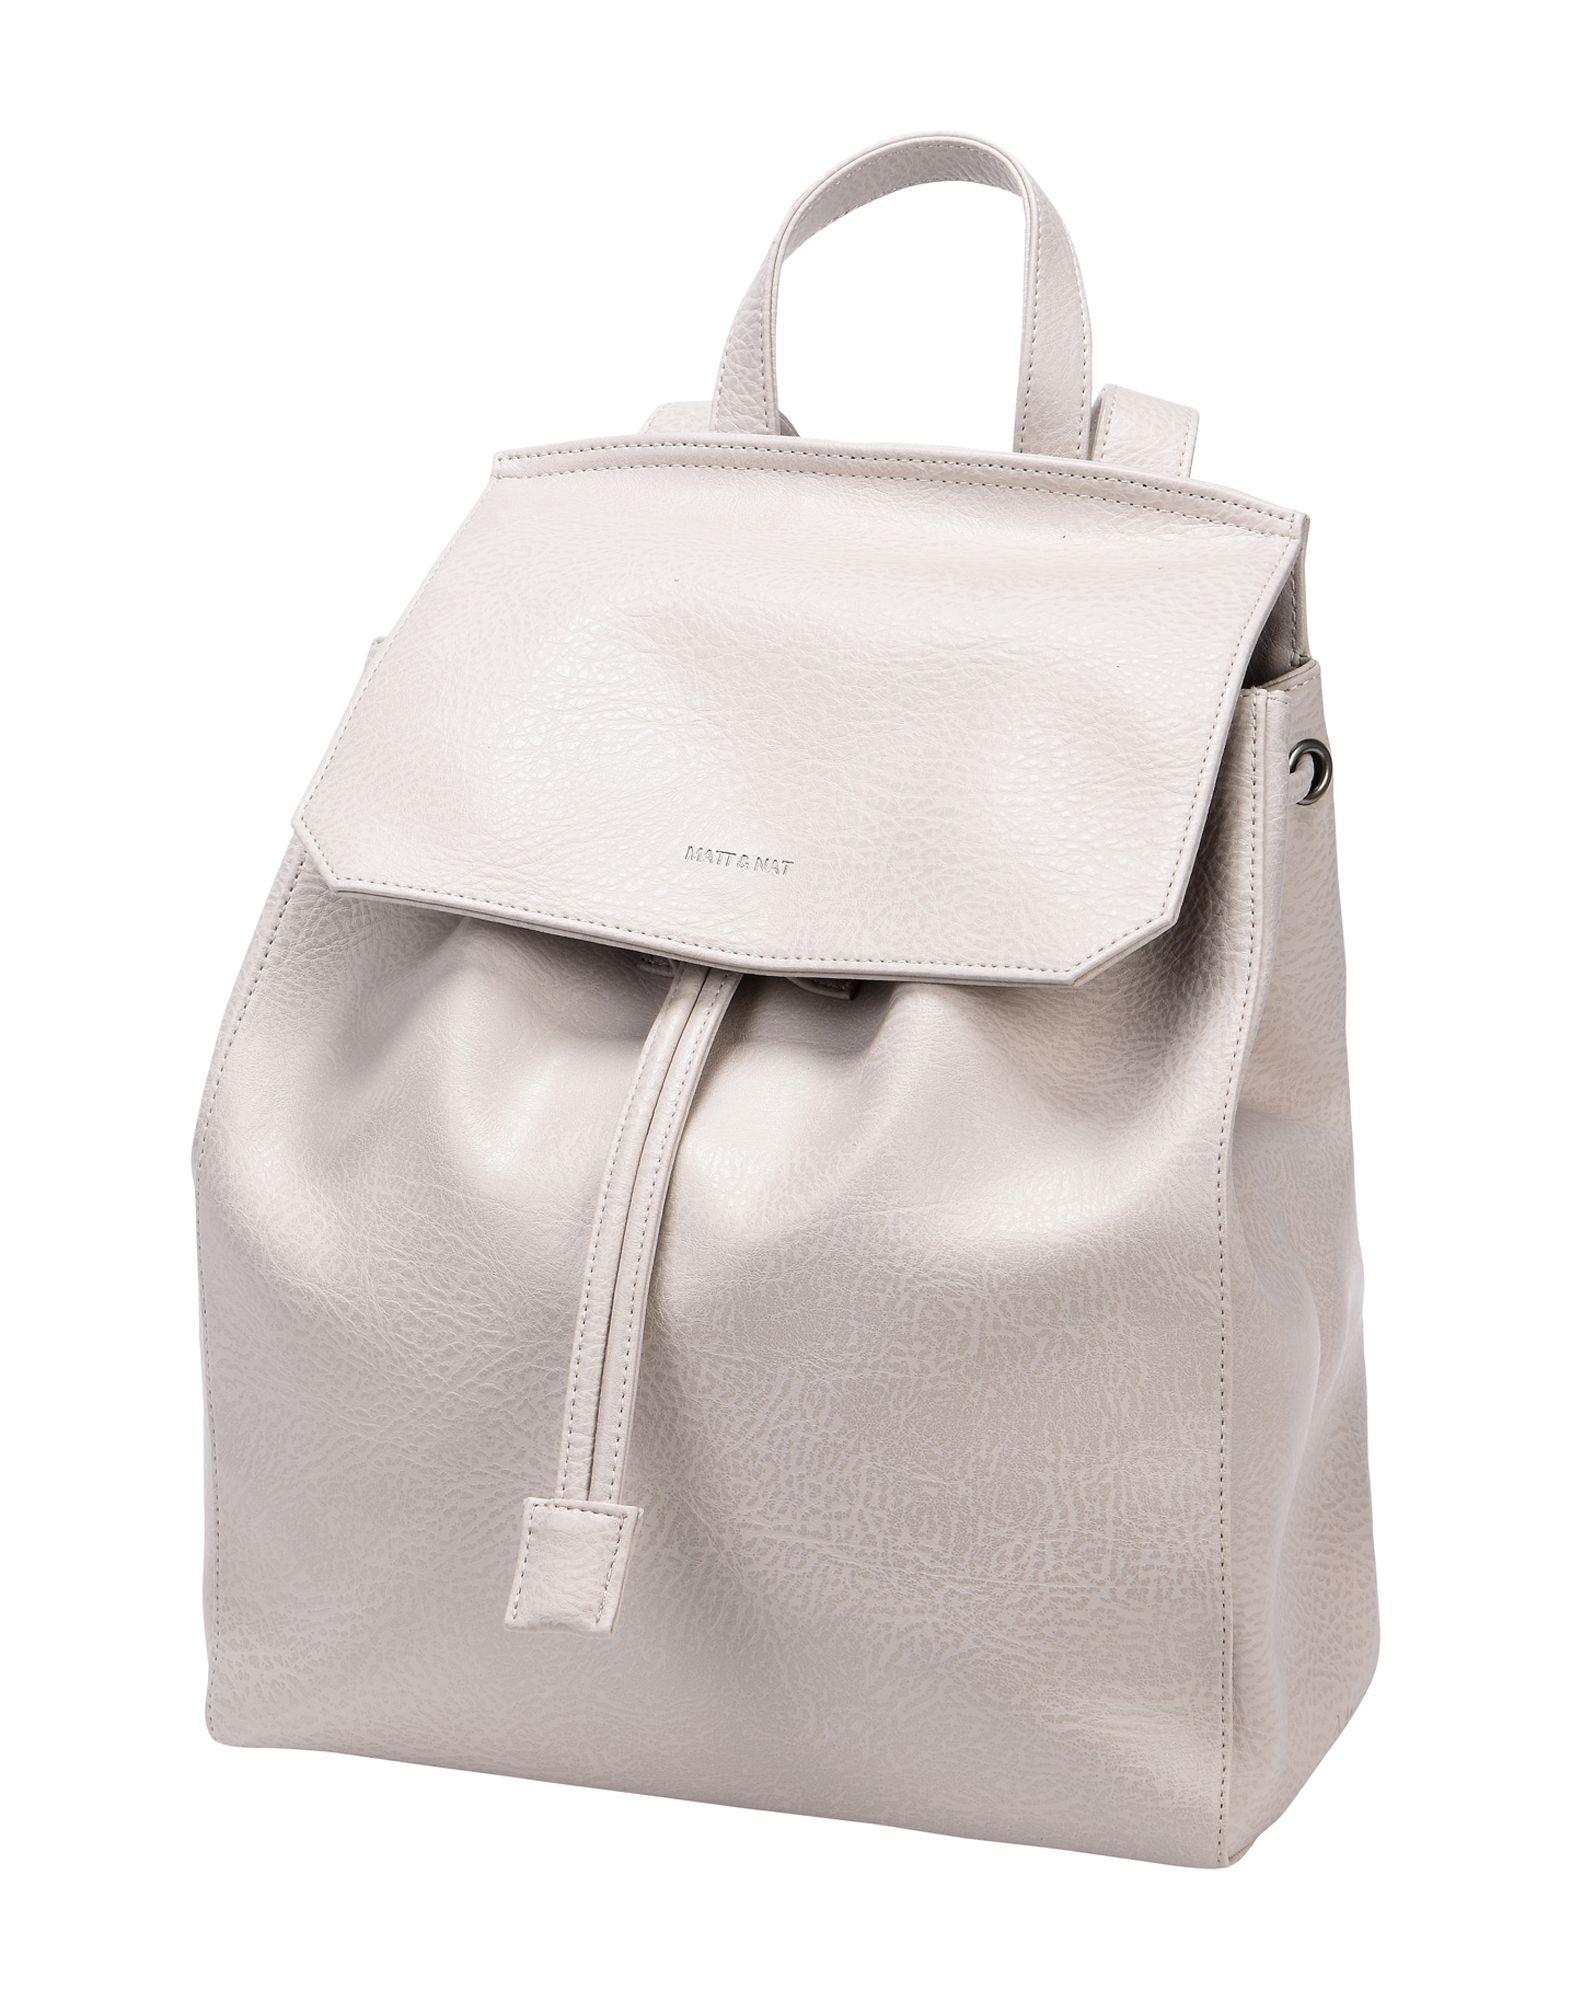 MATT & NAT Backpack & Fanny Pack in Light Grey